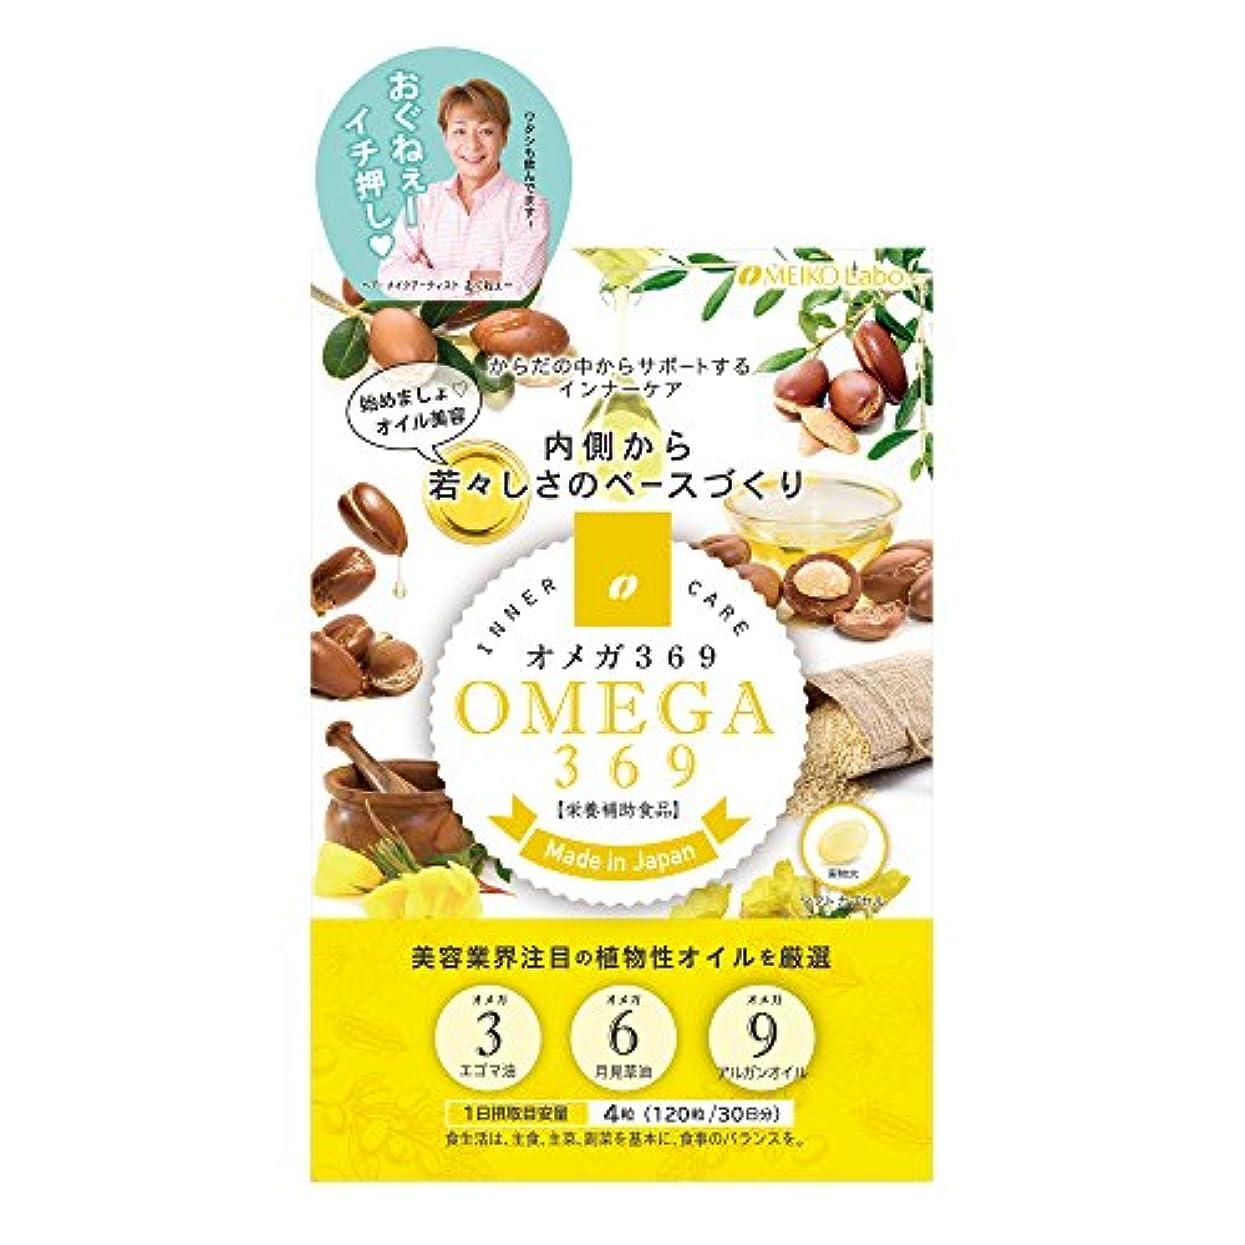 絶滅させる安西環境オメガ3 6 9 30日分 120粒 サプリメント ( 栄養補助食品 日本製 ) 【 メイコーラボ 】